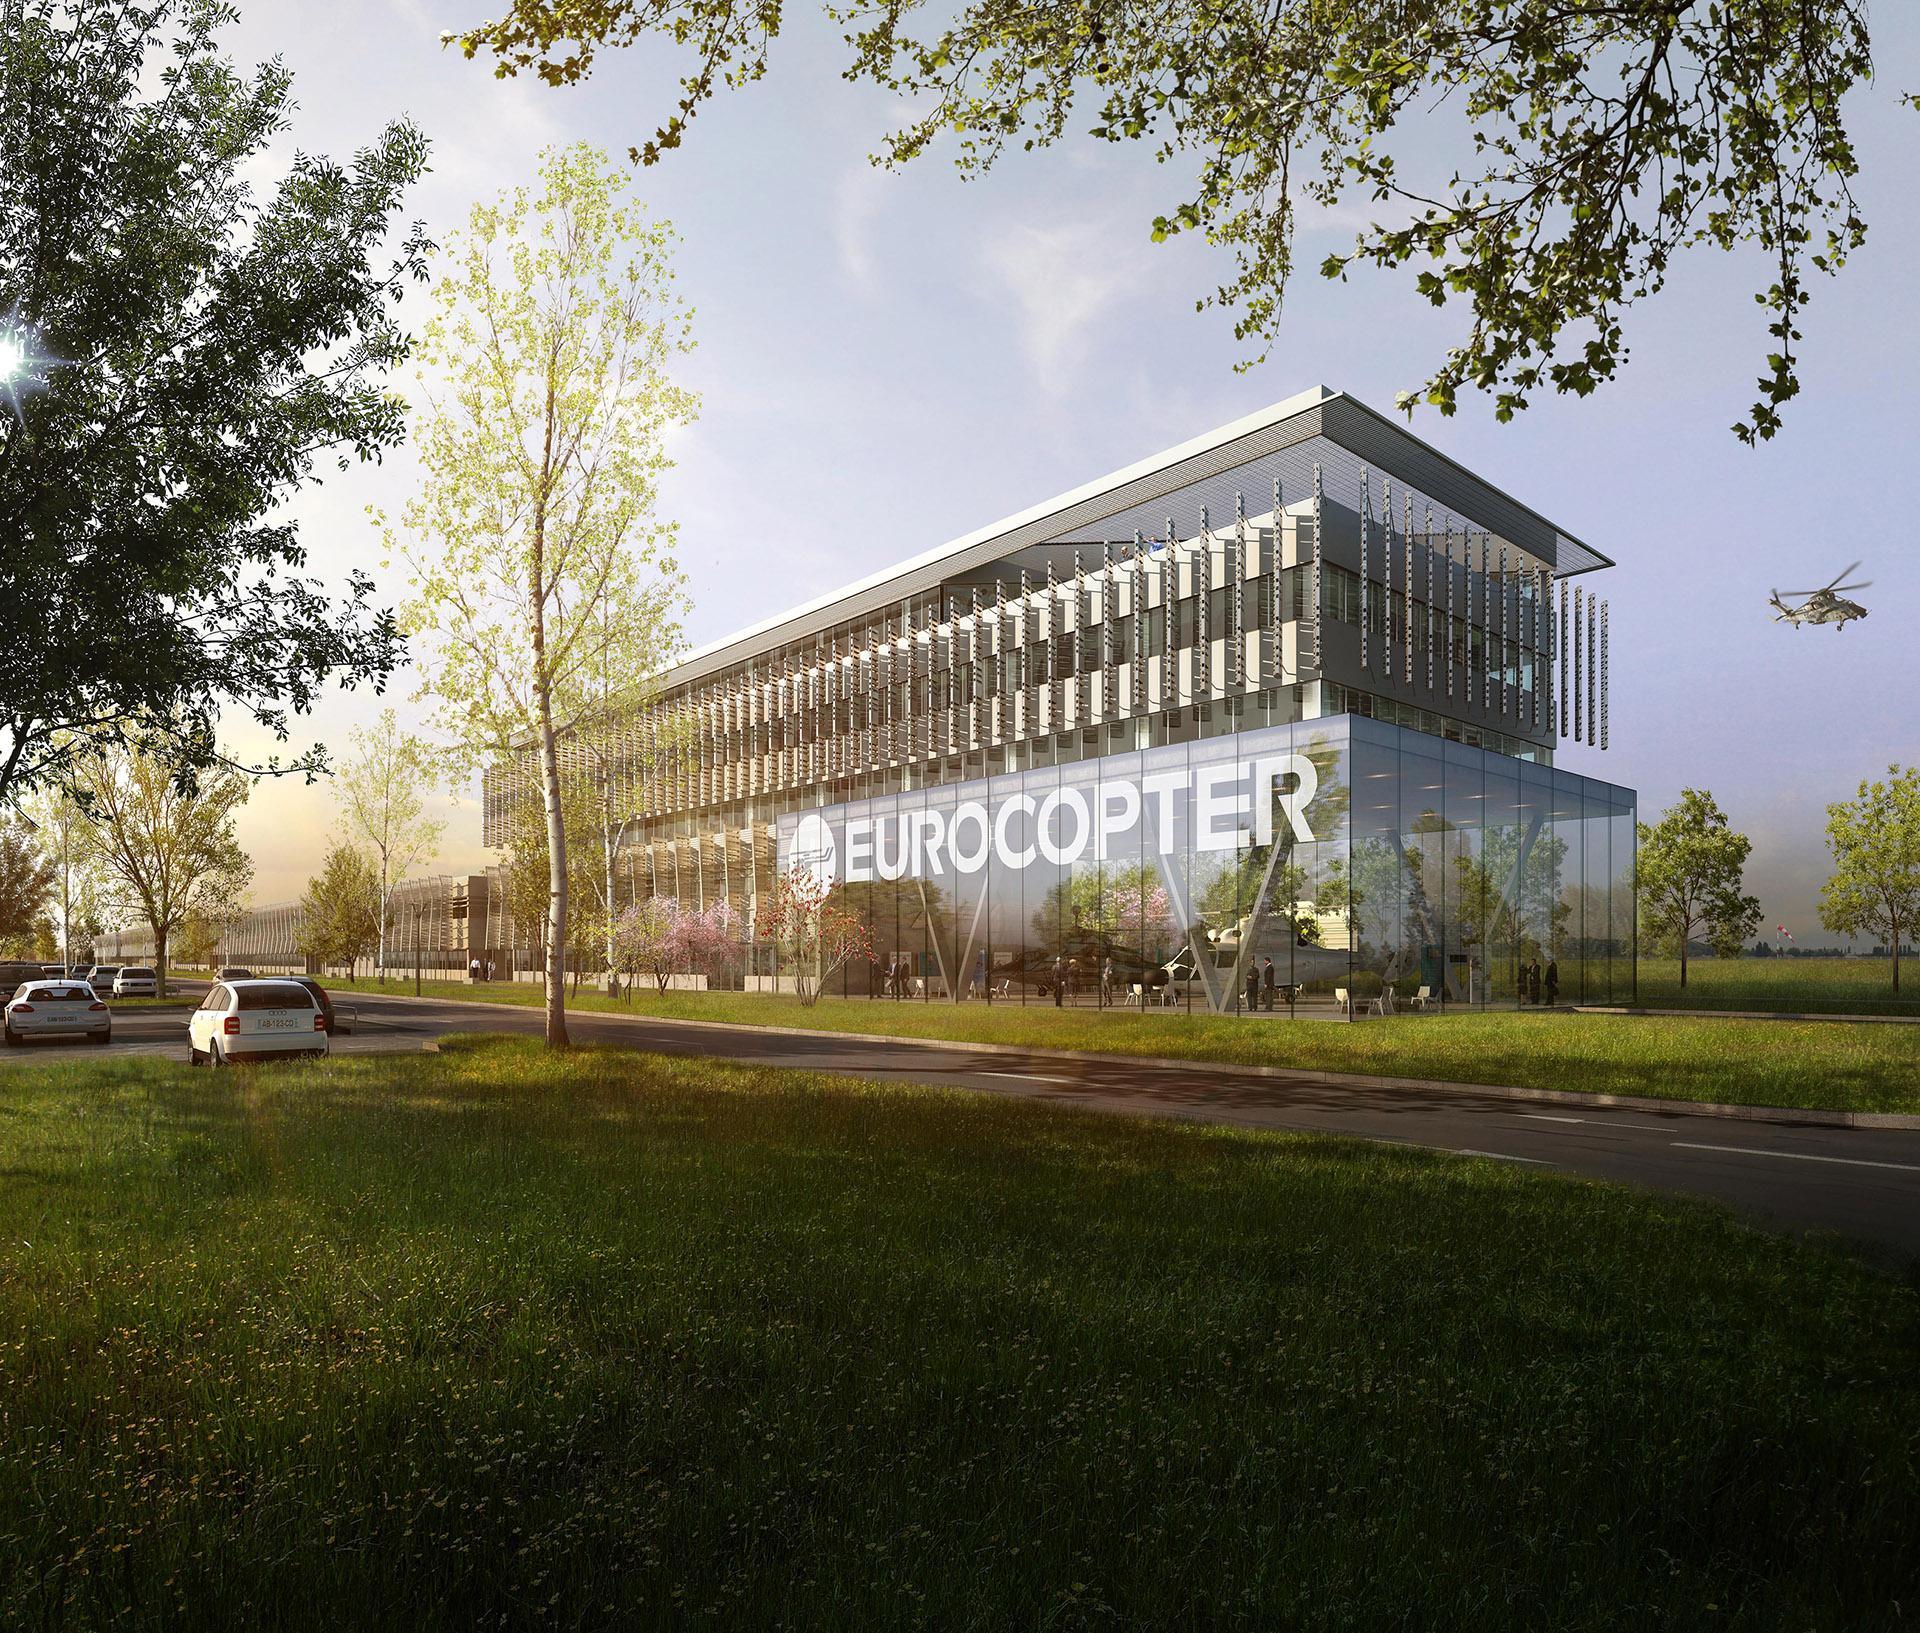 Perspective de concours - Atelier Jean-François SCHMIT Architectes- Usine Eurocopter au Bourget